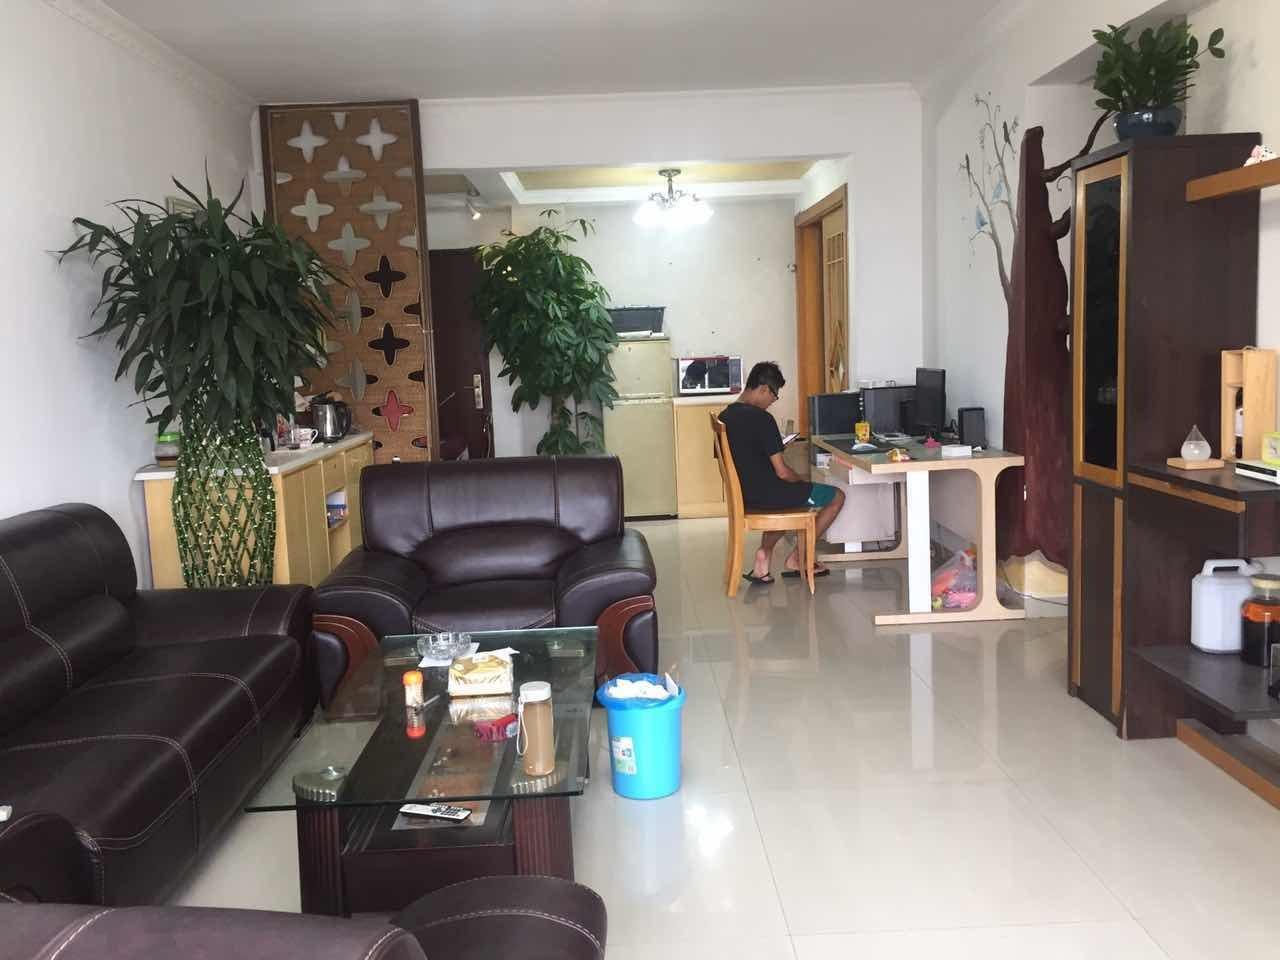 昊龙南区 电梯三房新装修带租放卖 送家电随时看房